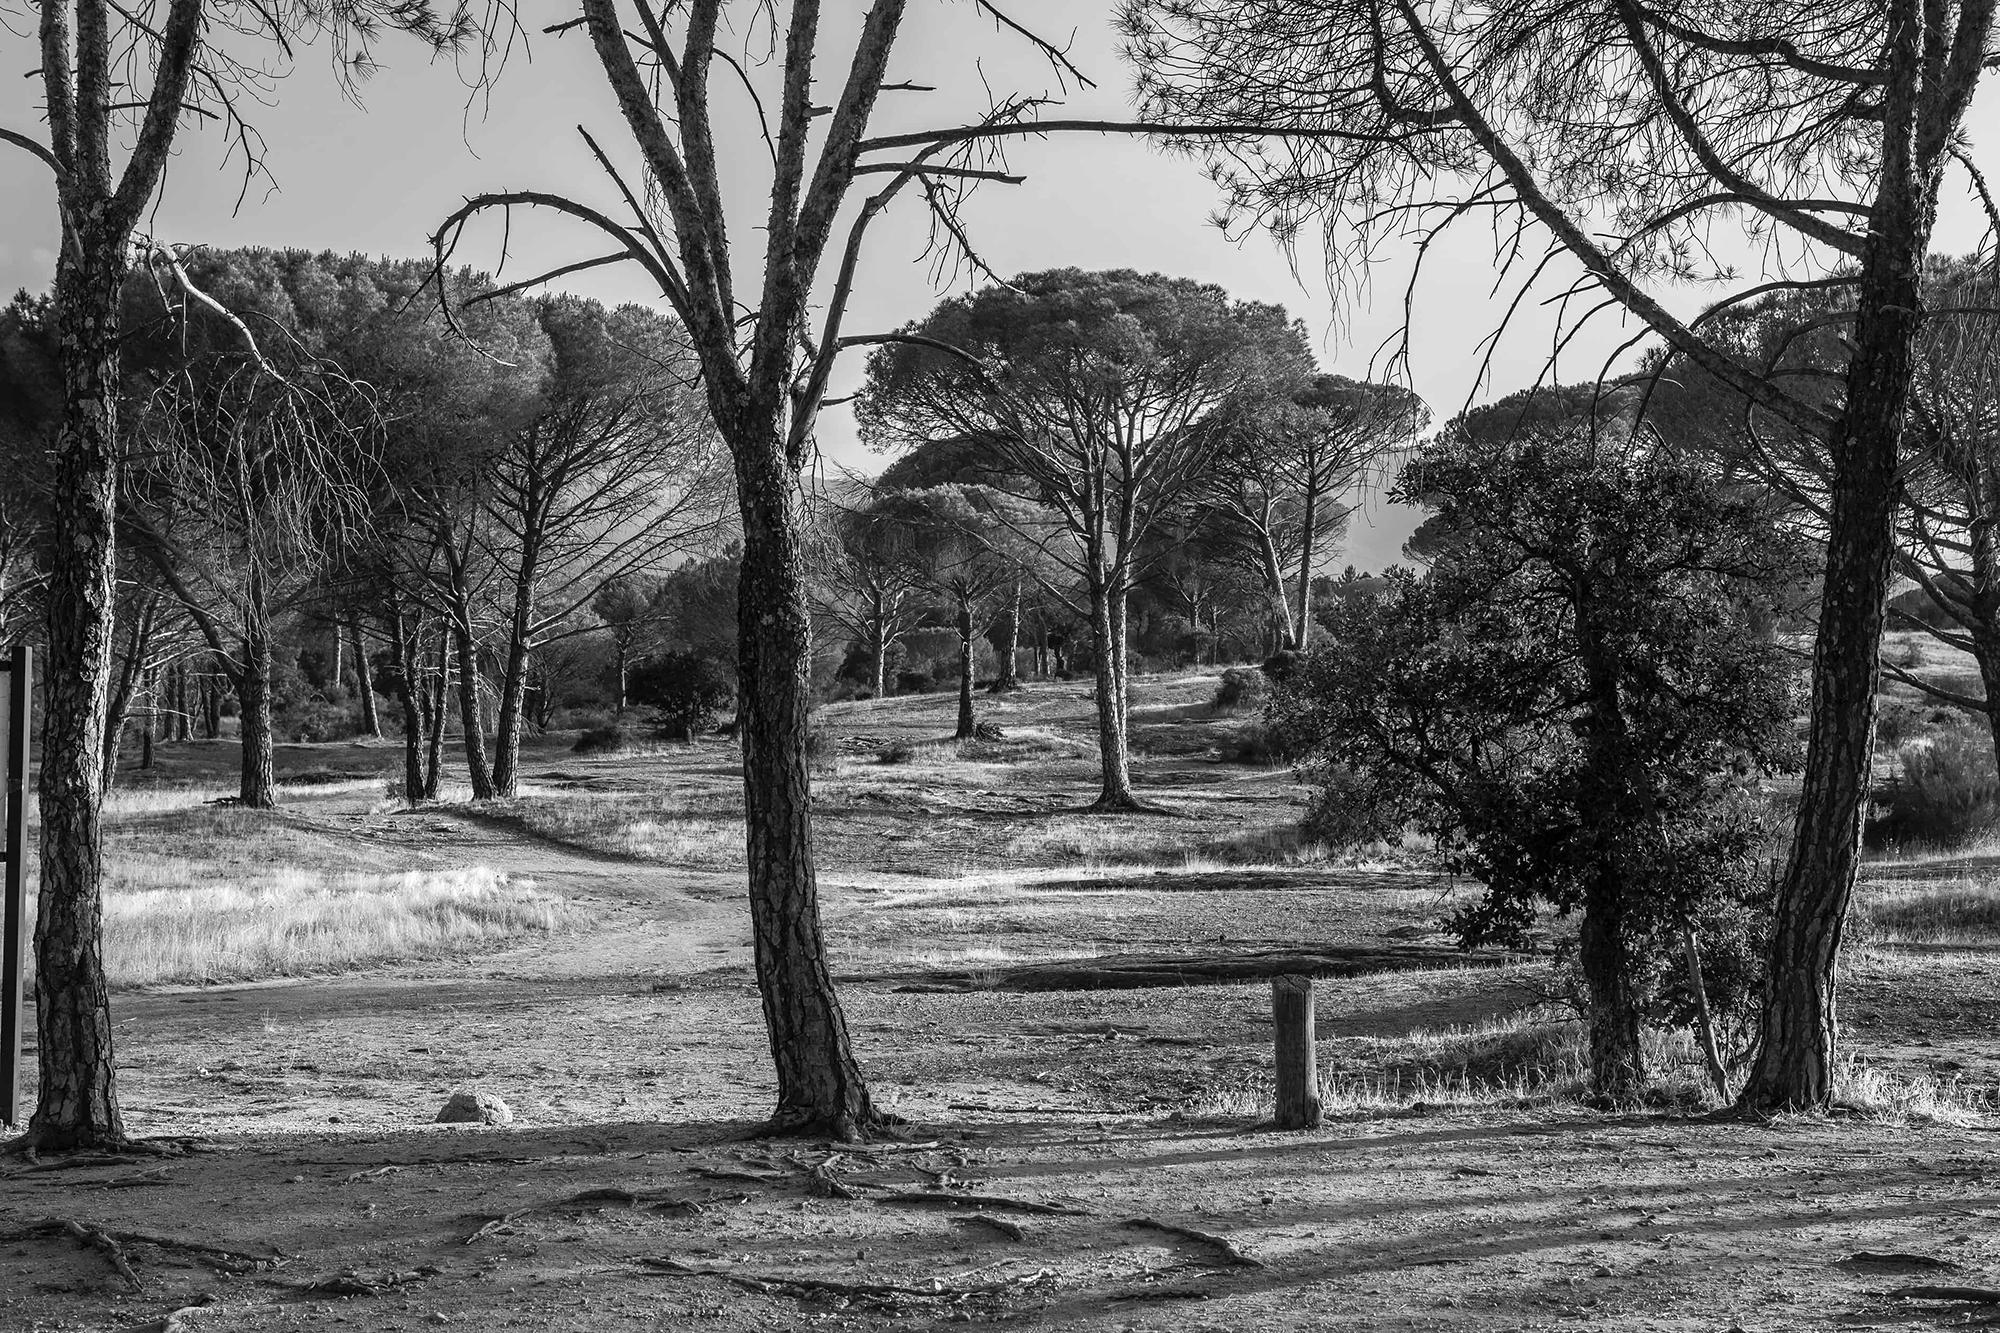 Forêt de pins en noir et blanc